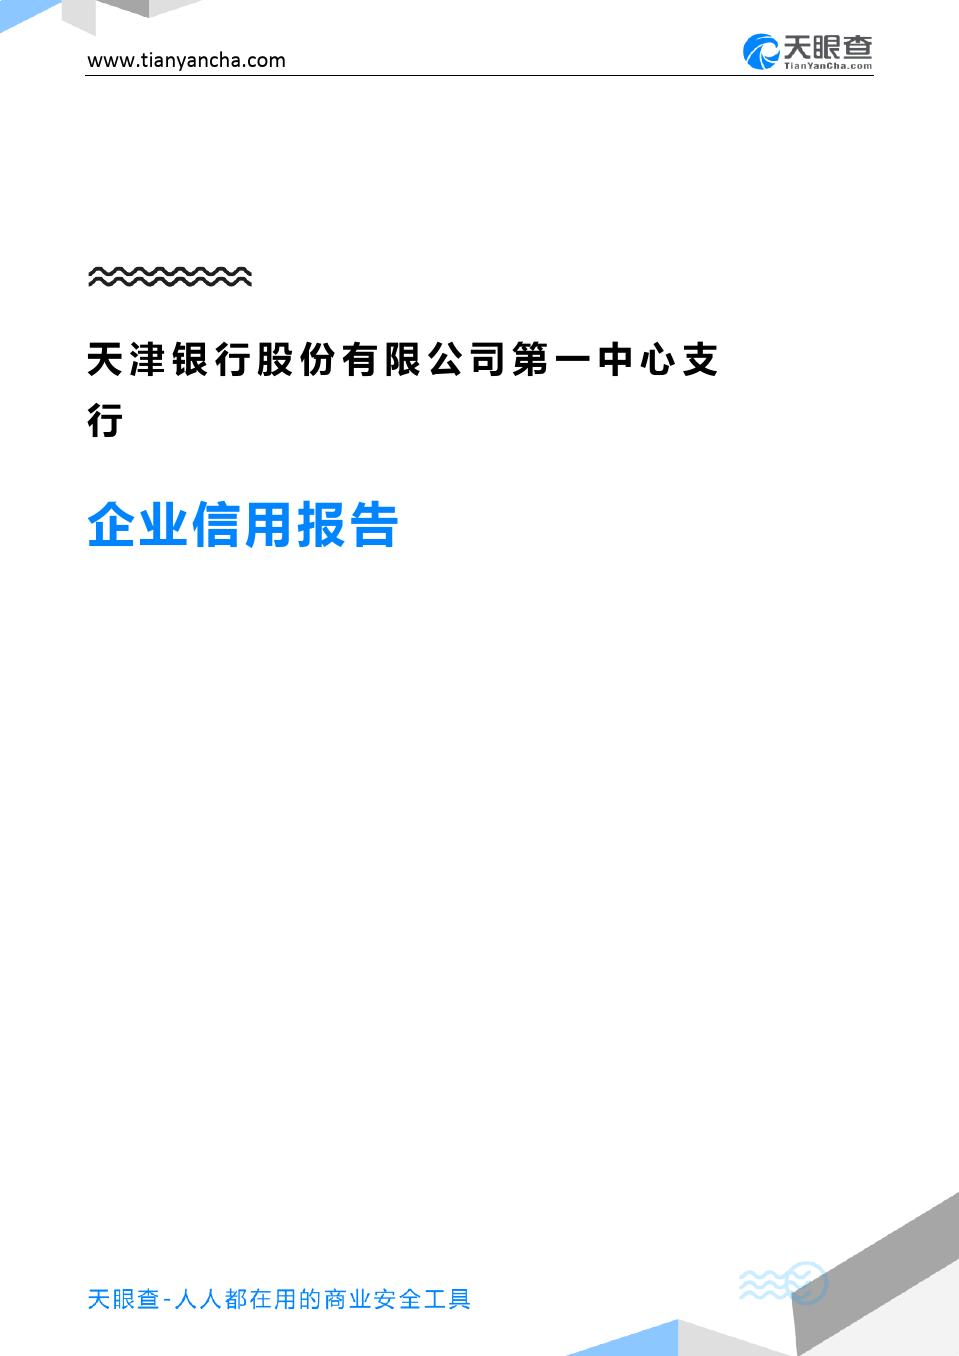 天津银行股份有限公司第一中心支行(企业信用报告)- 天眼查